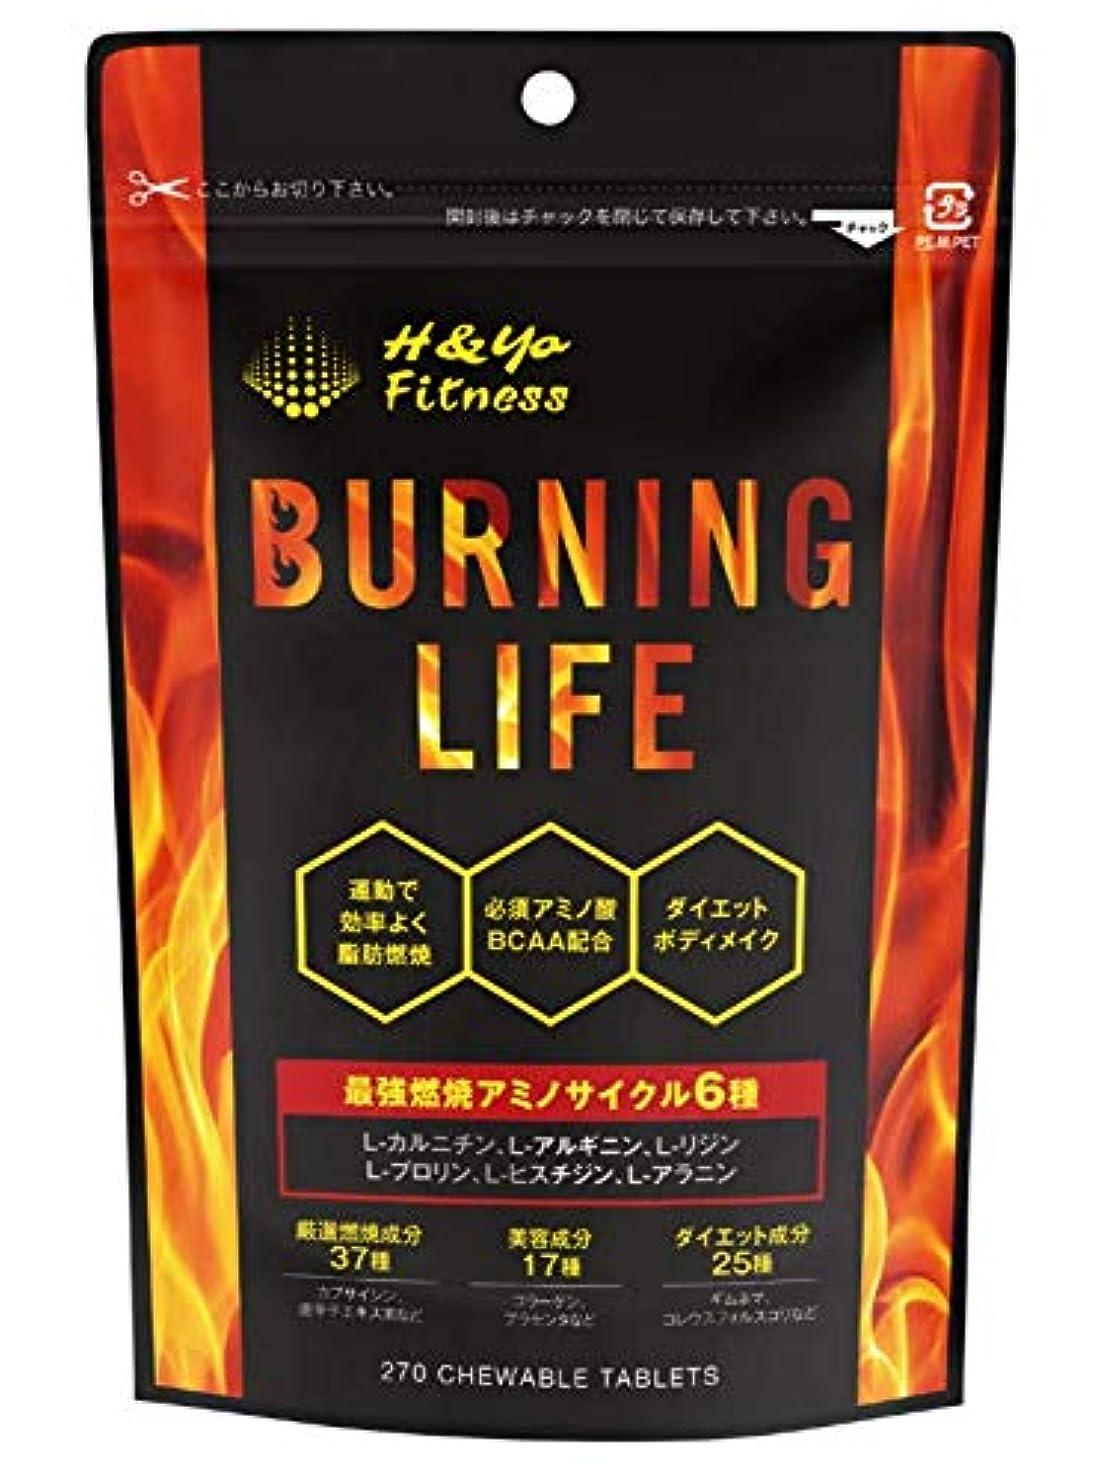 真似る発送隣接BURNING LIFE 燃焼系ダイエットサプリ L-カルニチン 必須アミノ酸BCAA配合 運動時の燃焼を強力サポート 270粒 (1か月分)